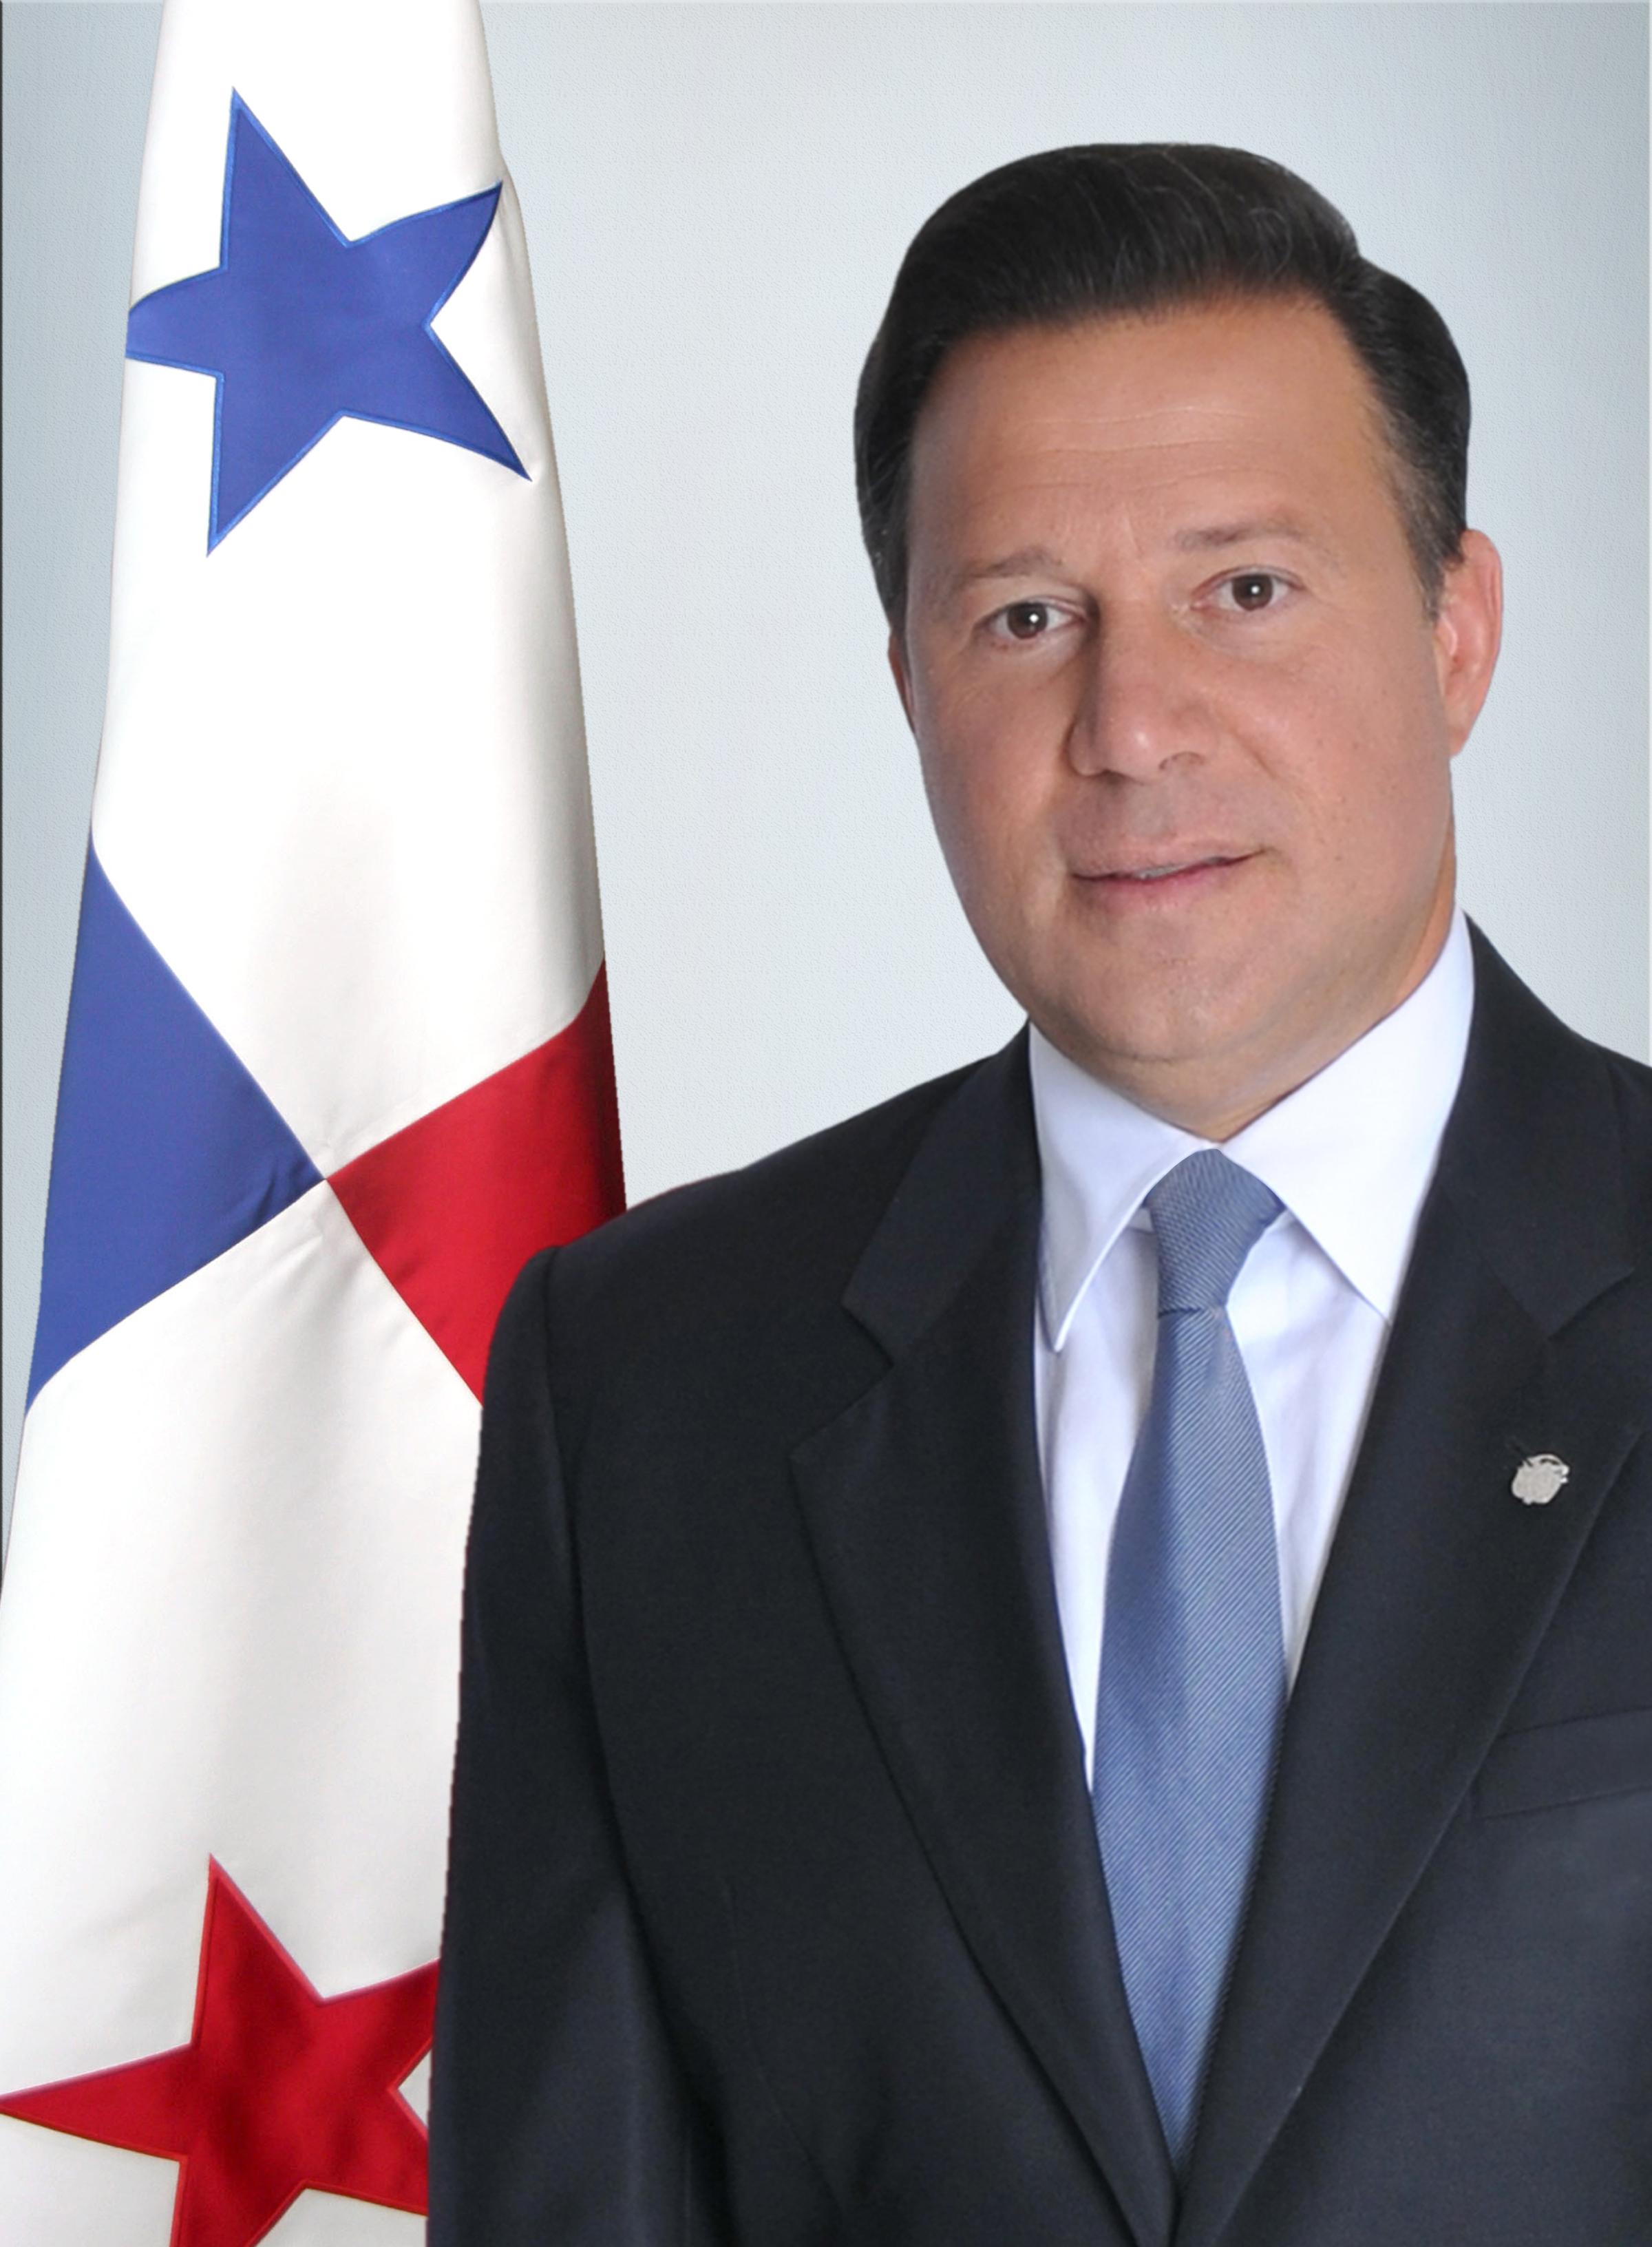 Biogafía Juan Carlos Varela del Partido Panameñista 2014